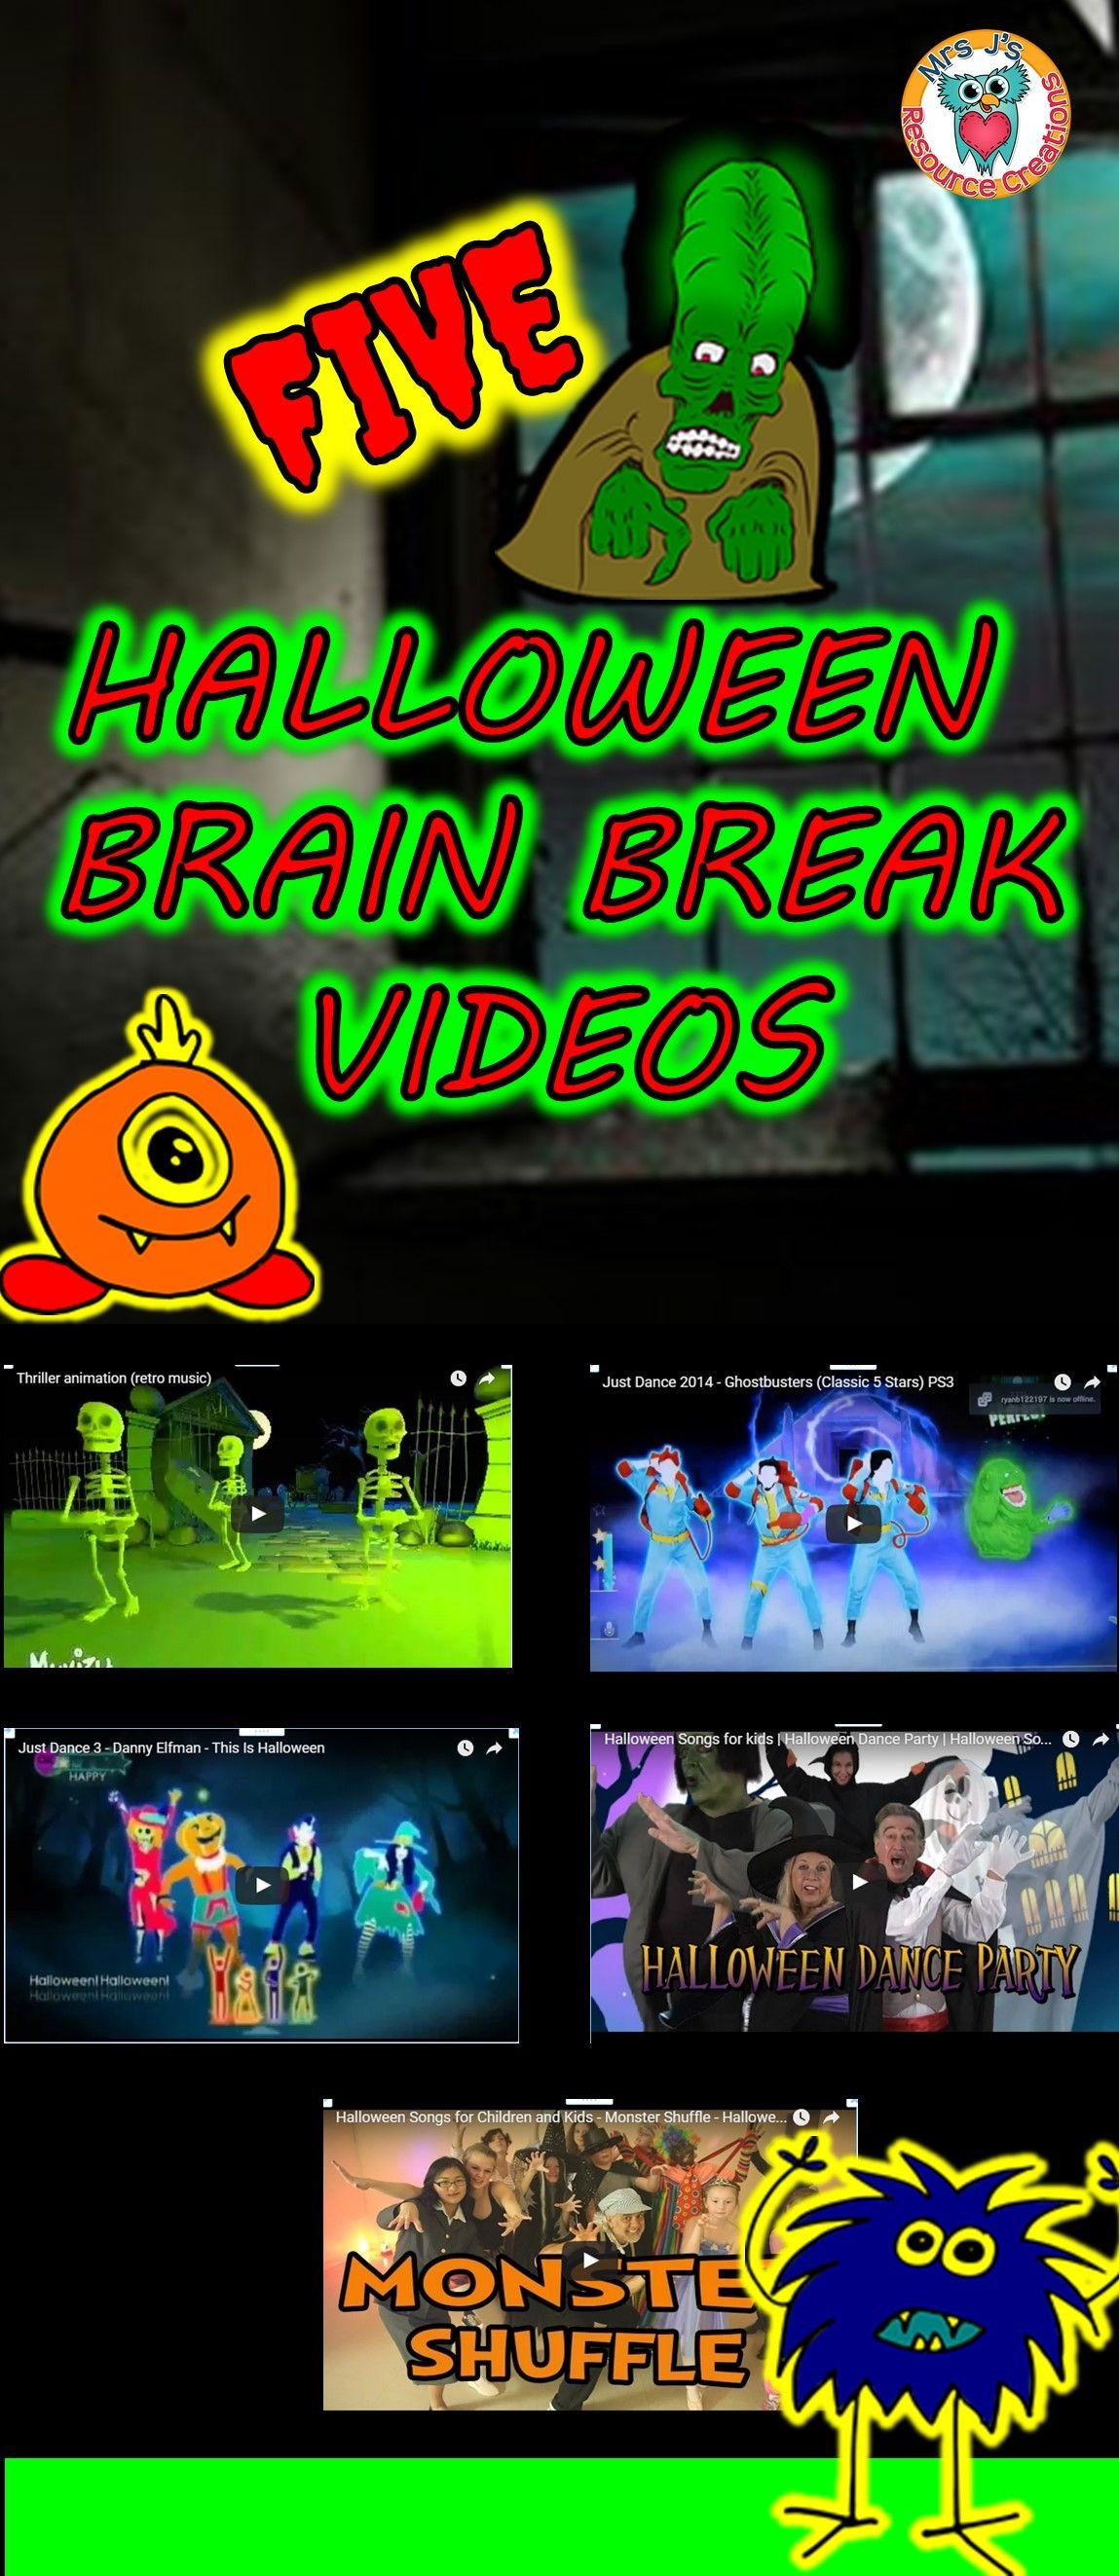 halloween brain breaks - Just Dance 3 Halloween